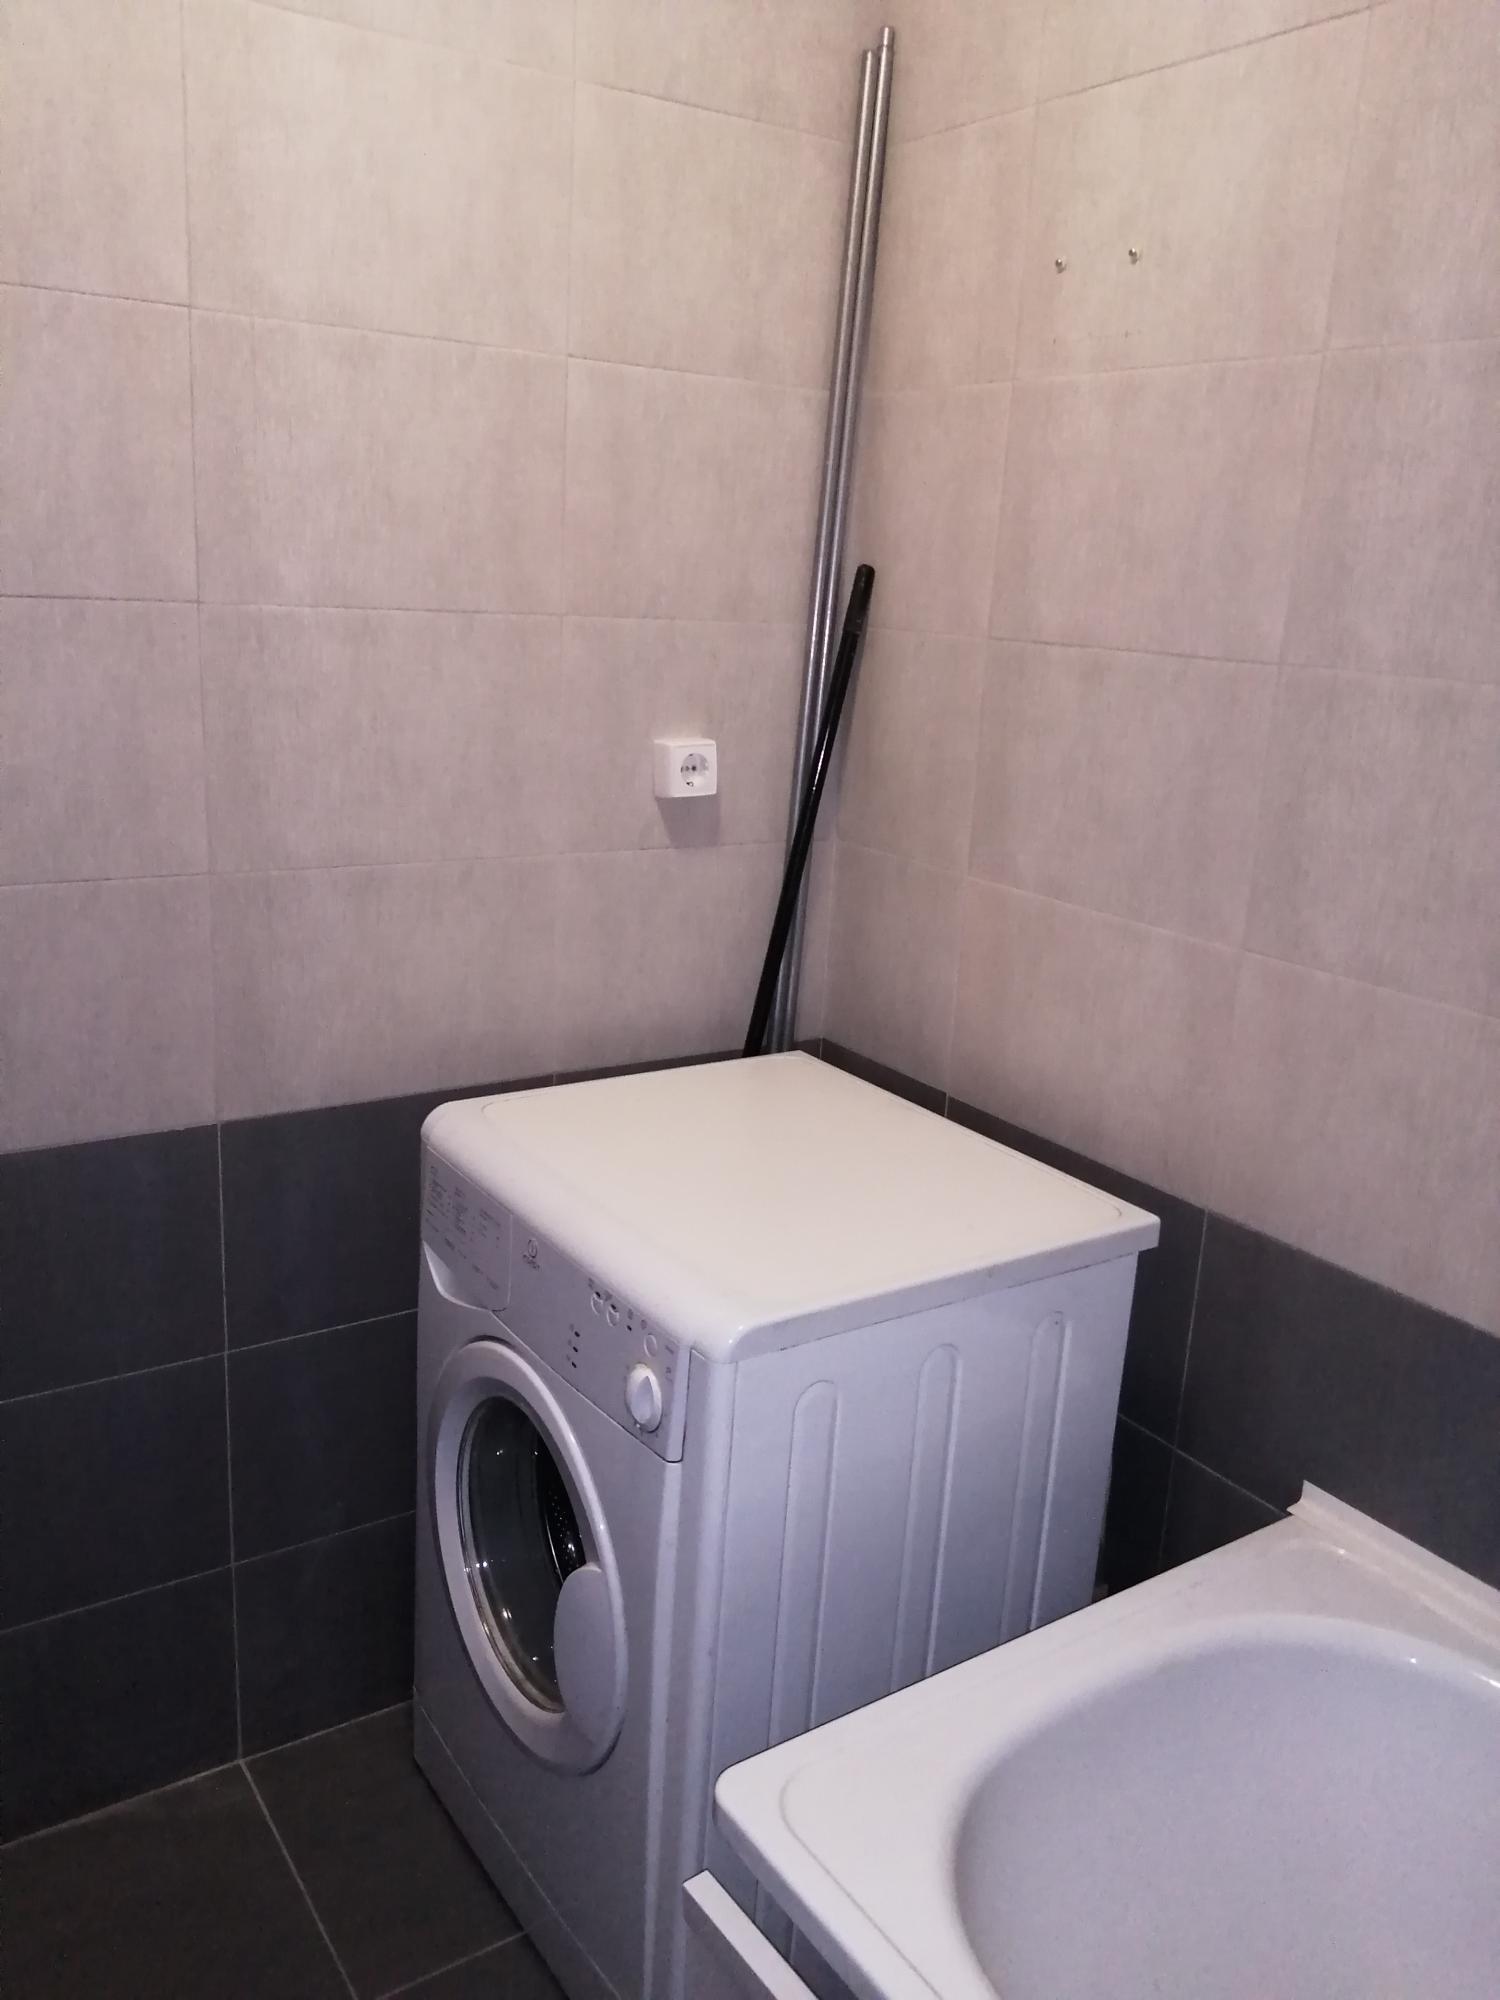 Квартира, 1 комната, 38 м² в Красково 89167750489 купить 8